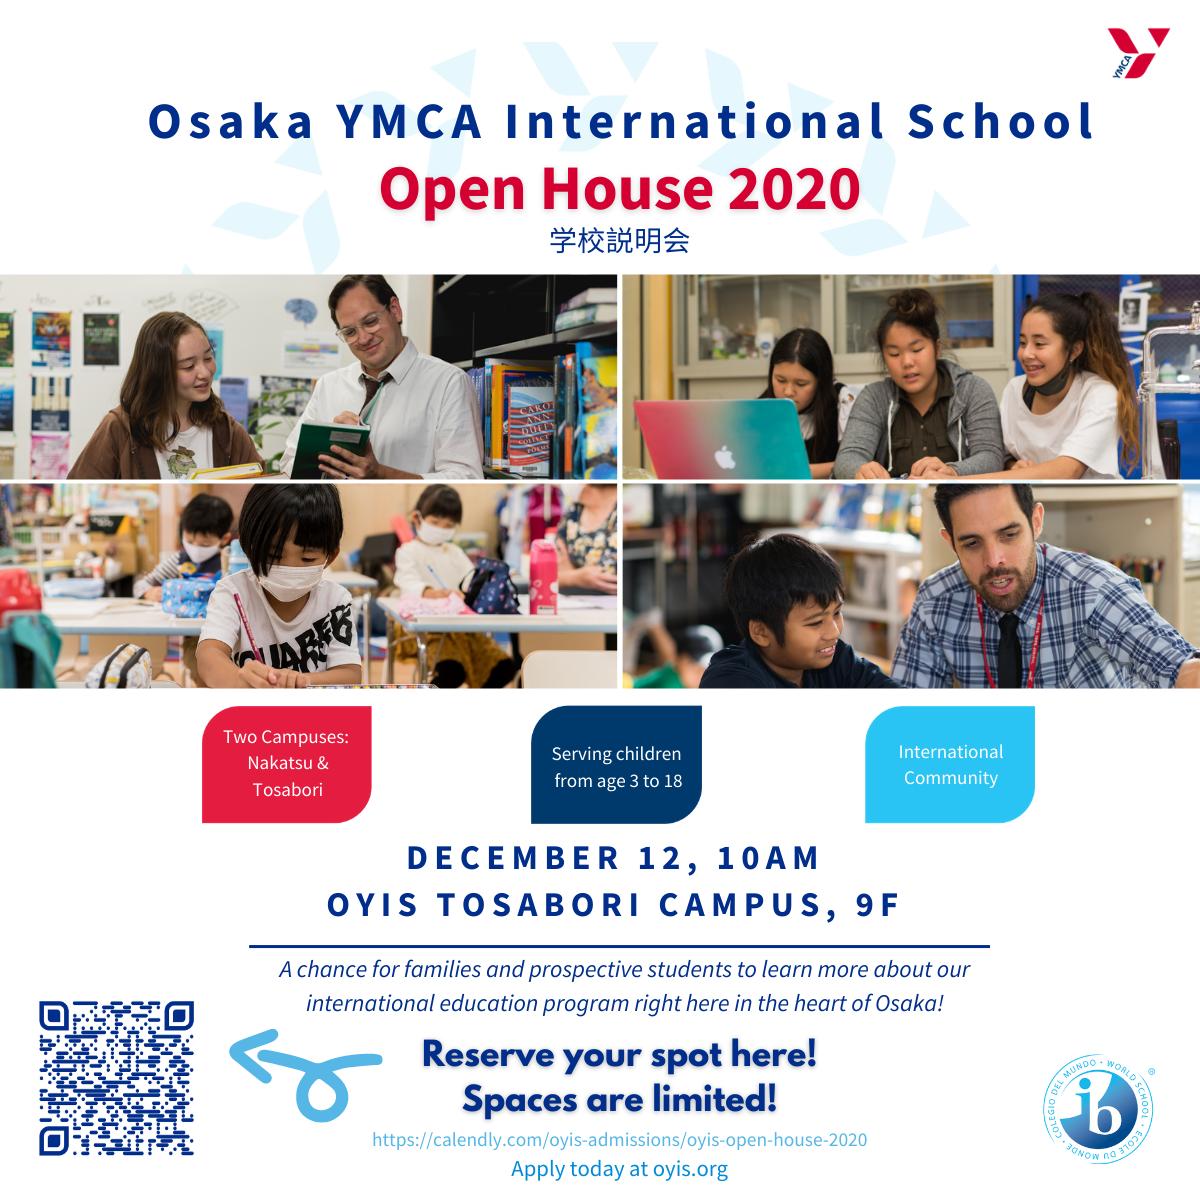 OYIS Open House 2020